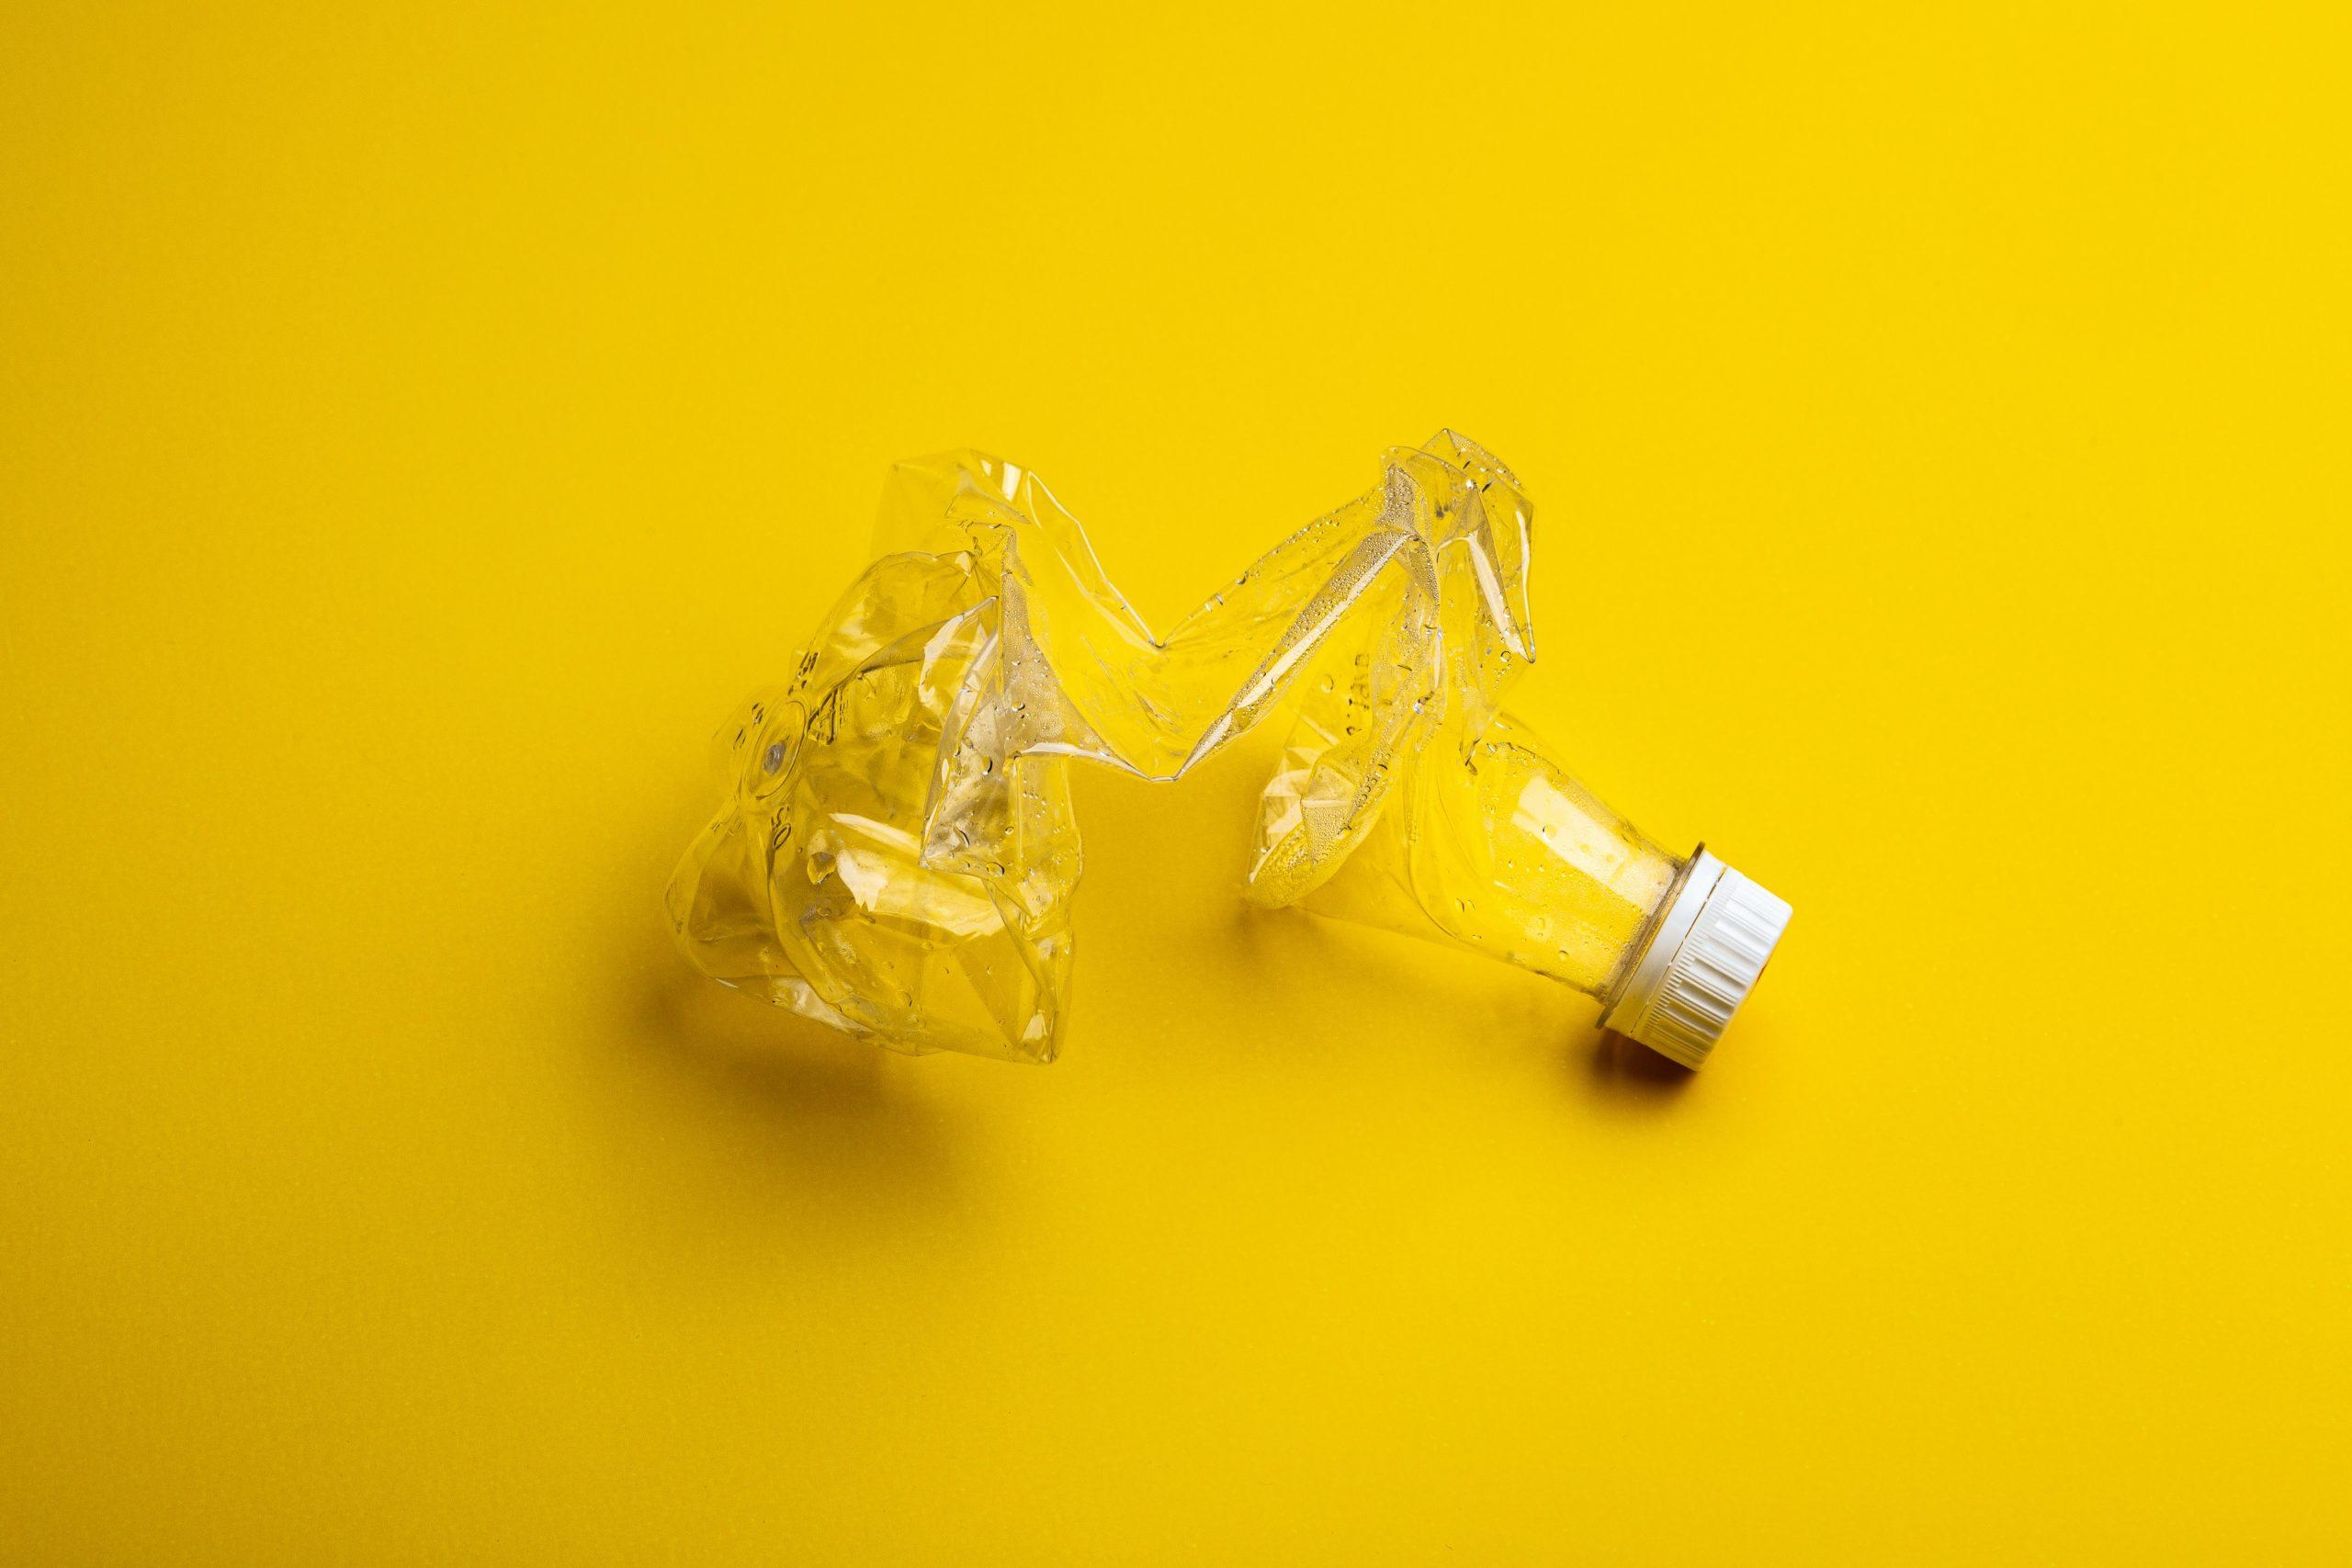 Packaging ecosostenibile e coscienza ecologica la rivoluzione è servita